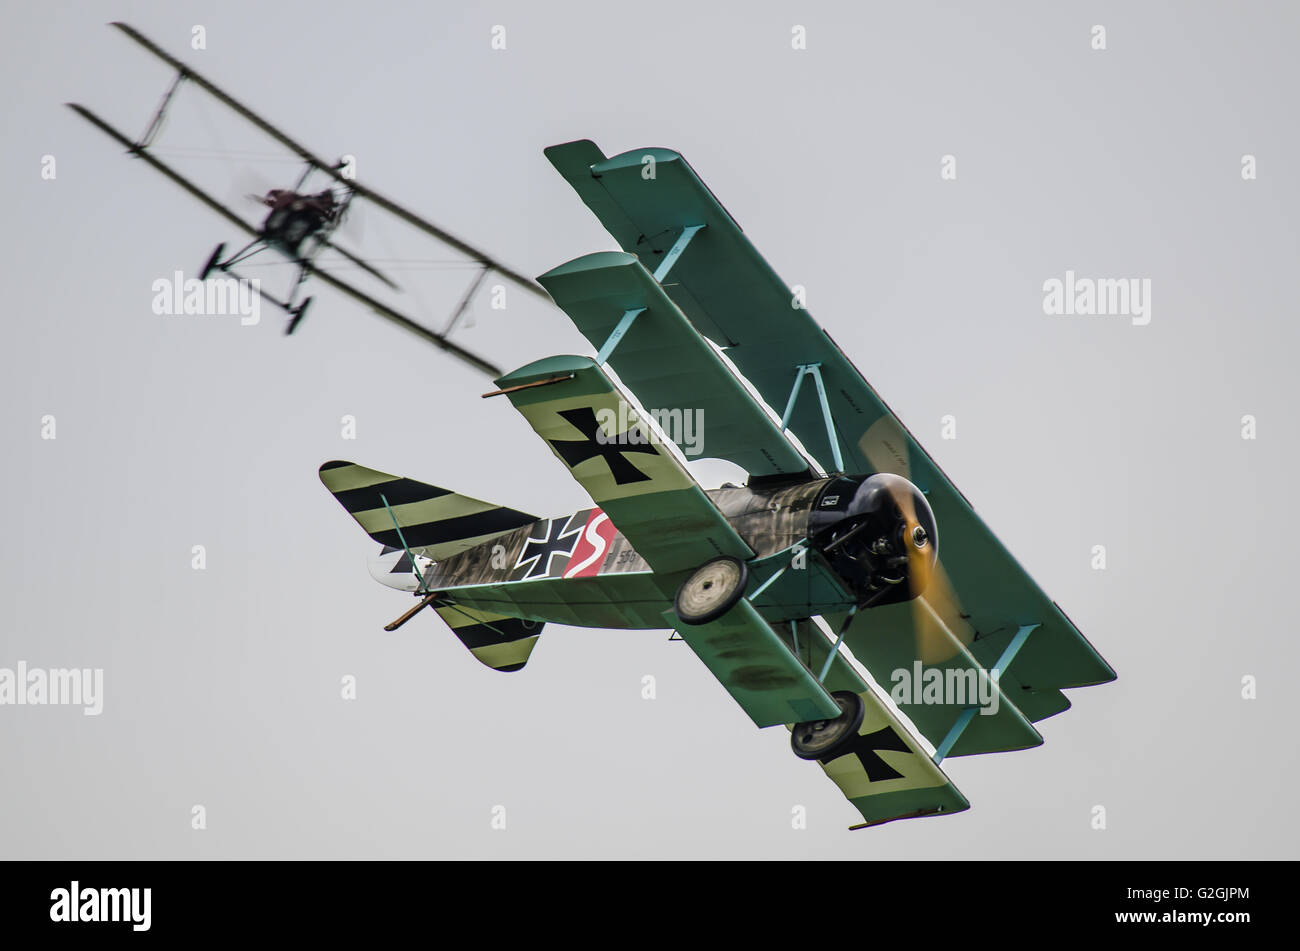 Eine alliierte S.E.5 erhält an den Schwanz eines Fokker Dr. 1 während einer Ersten Weltkrieg dogfight Re-enactment Stockfoto